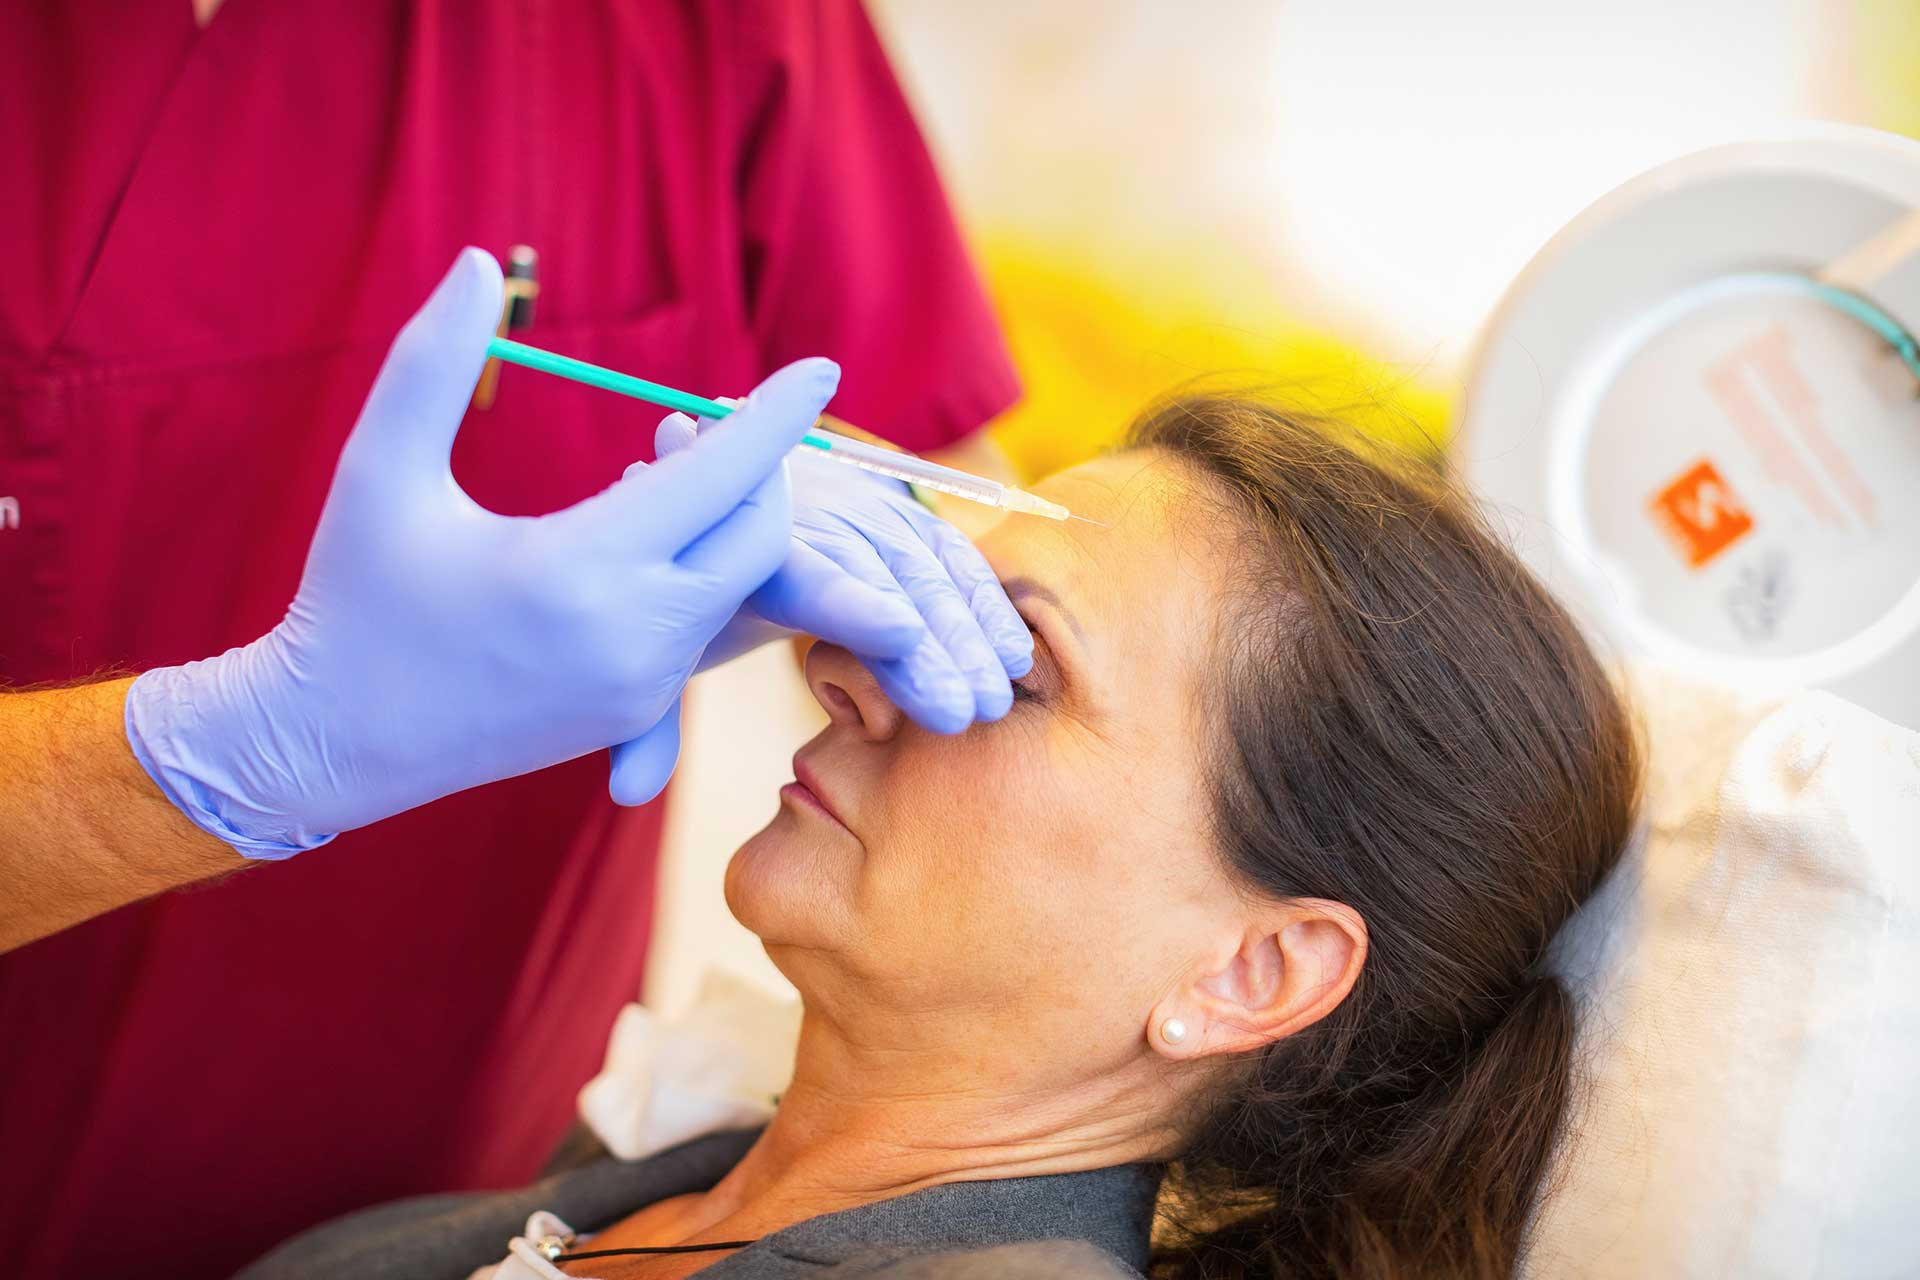 Neue Verordnungen schützen Patienten vor Beauty-Pfusch